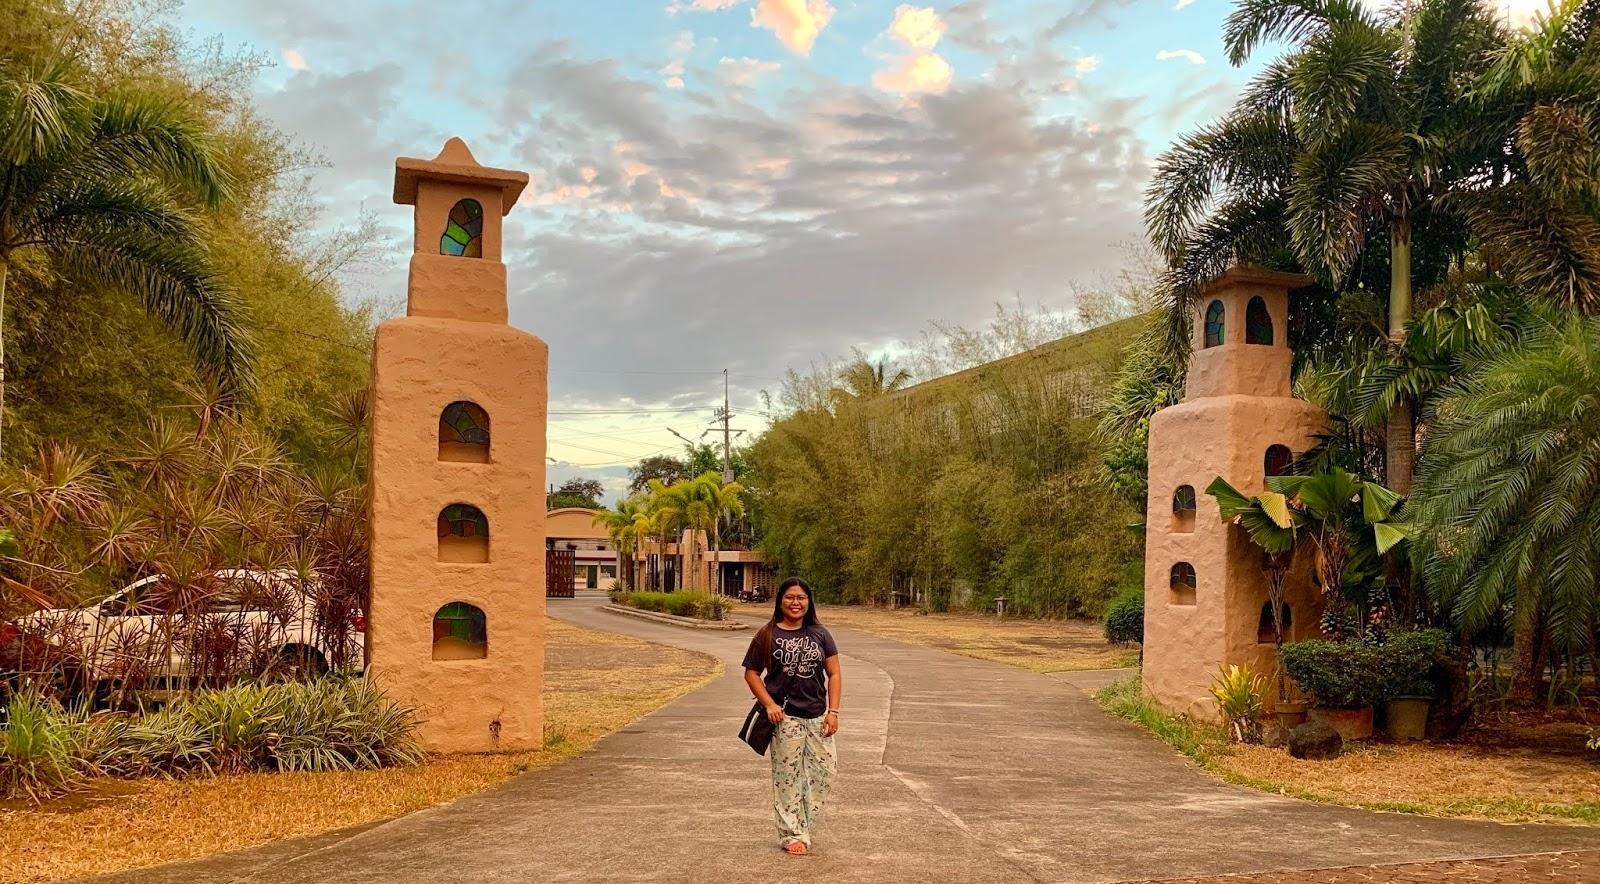 Day Tour at Sanctuario de San Pablo